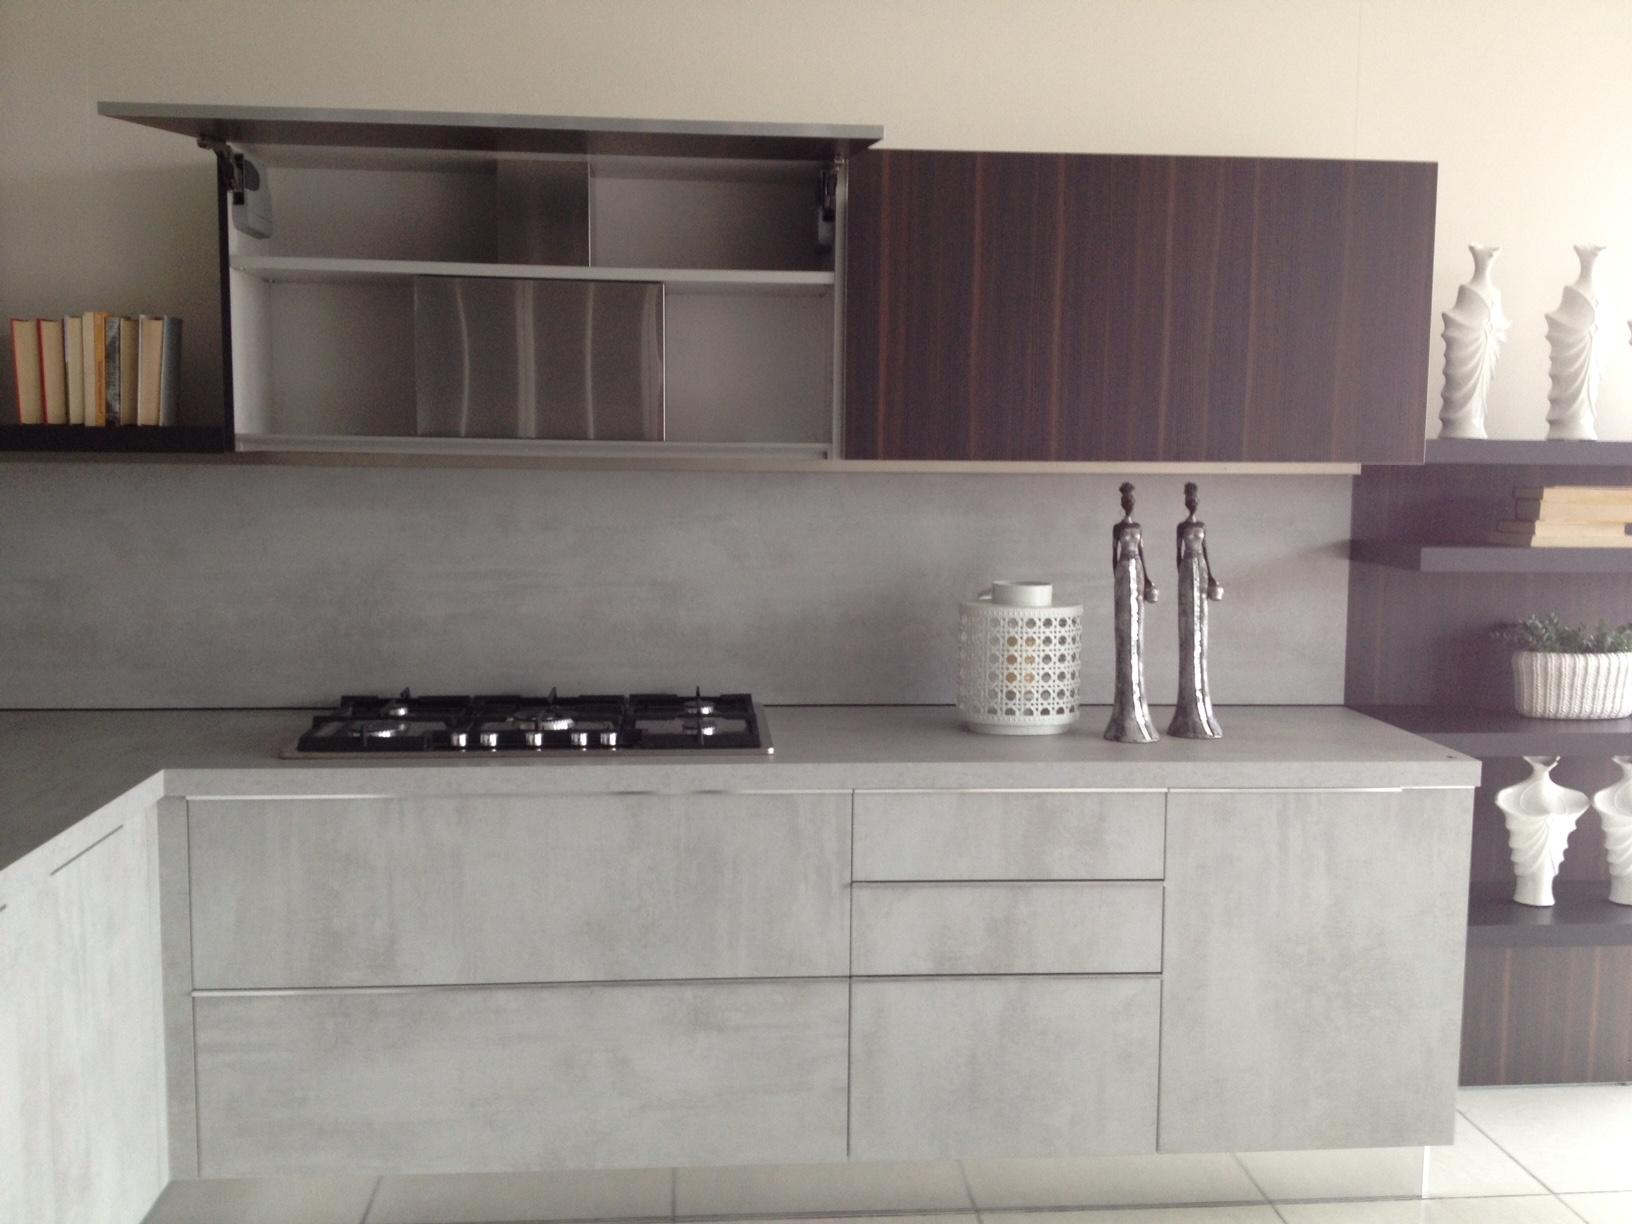 Cucina dada modello indada cucine a prezzi scontati - Cucina laminato effetto legno ...